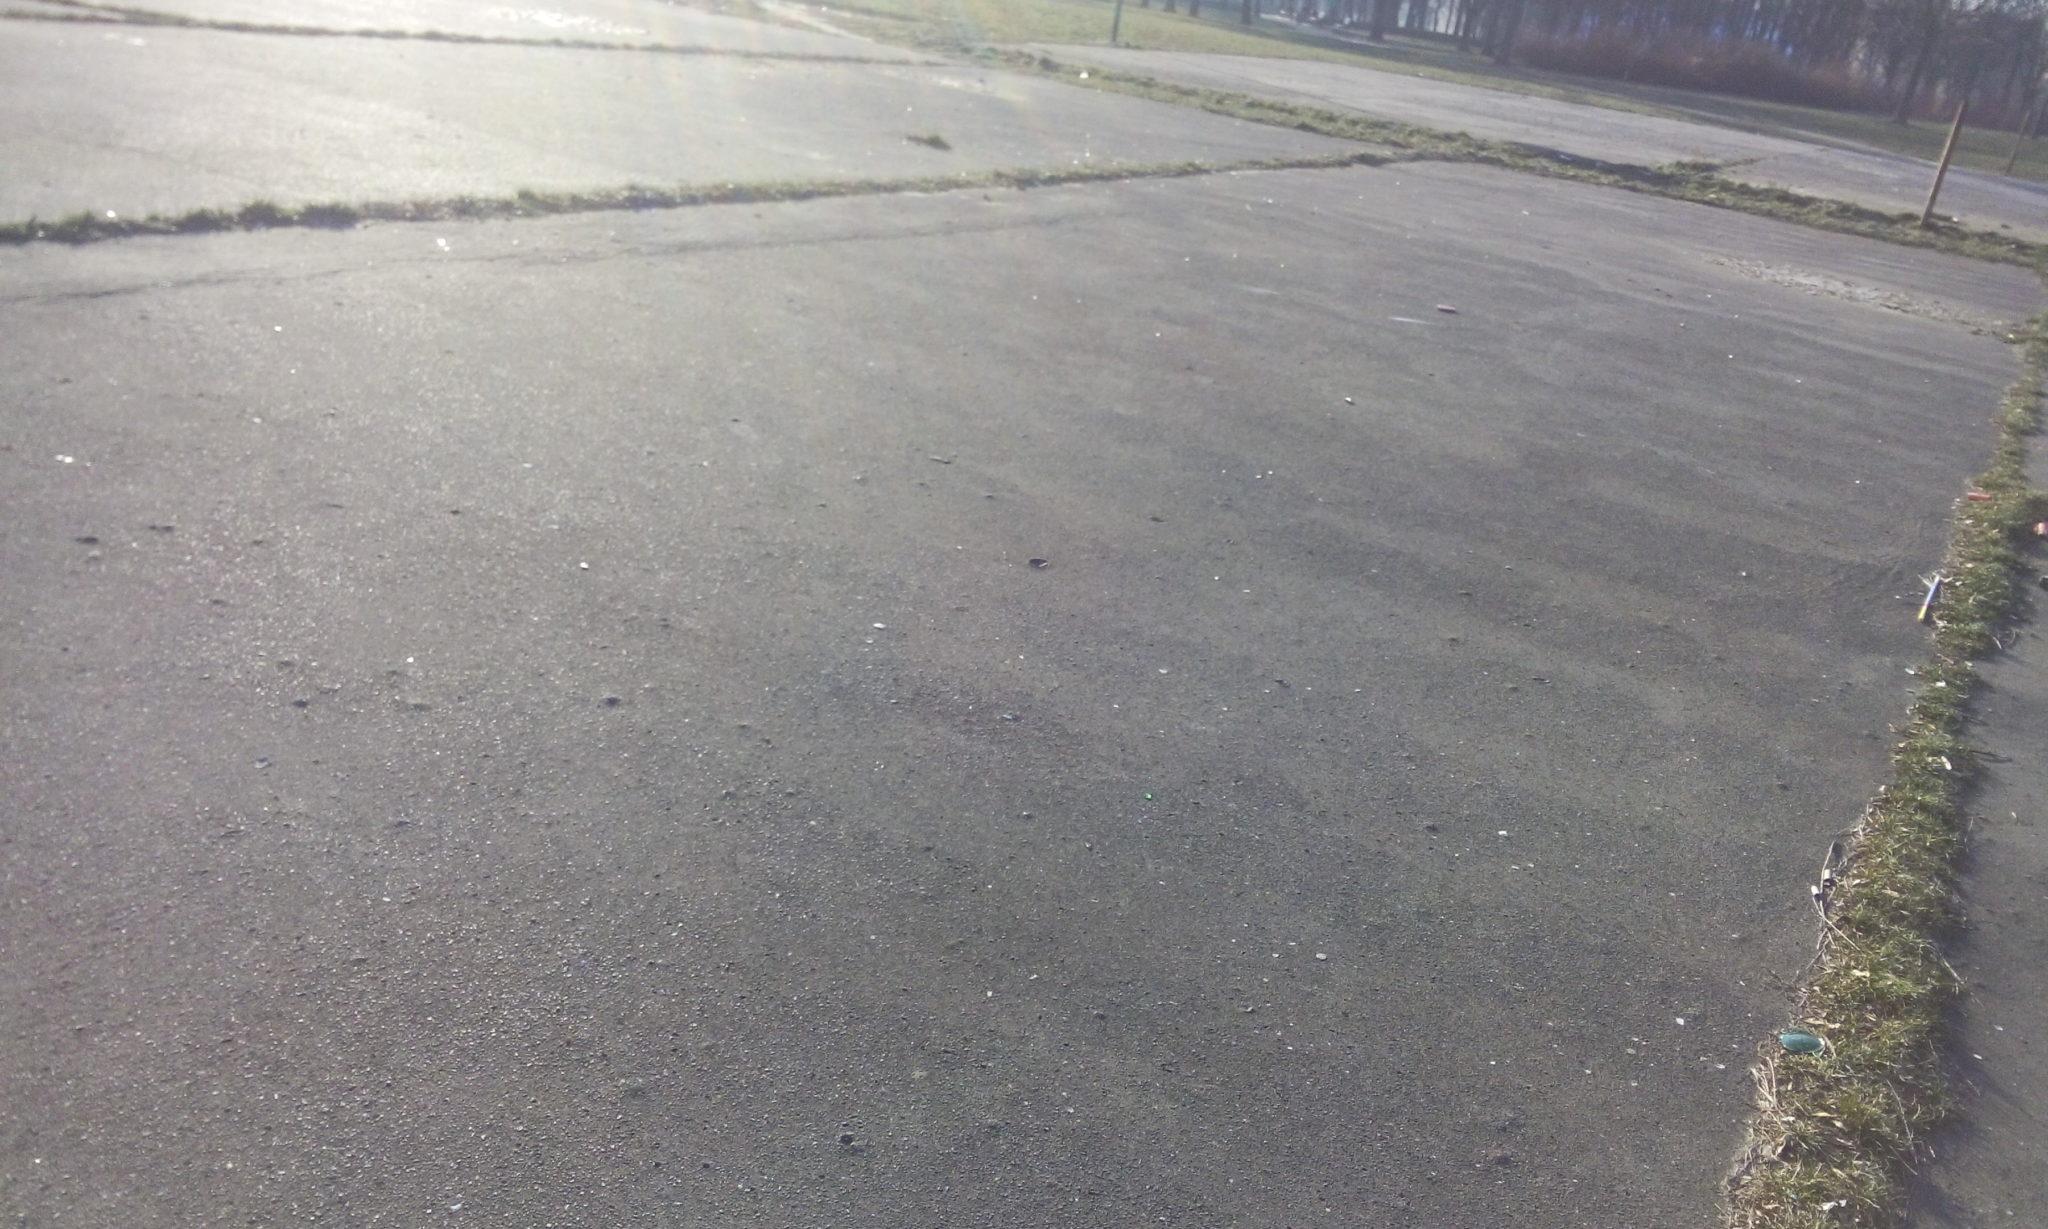 Własna ślizgawka przed blokiem